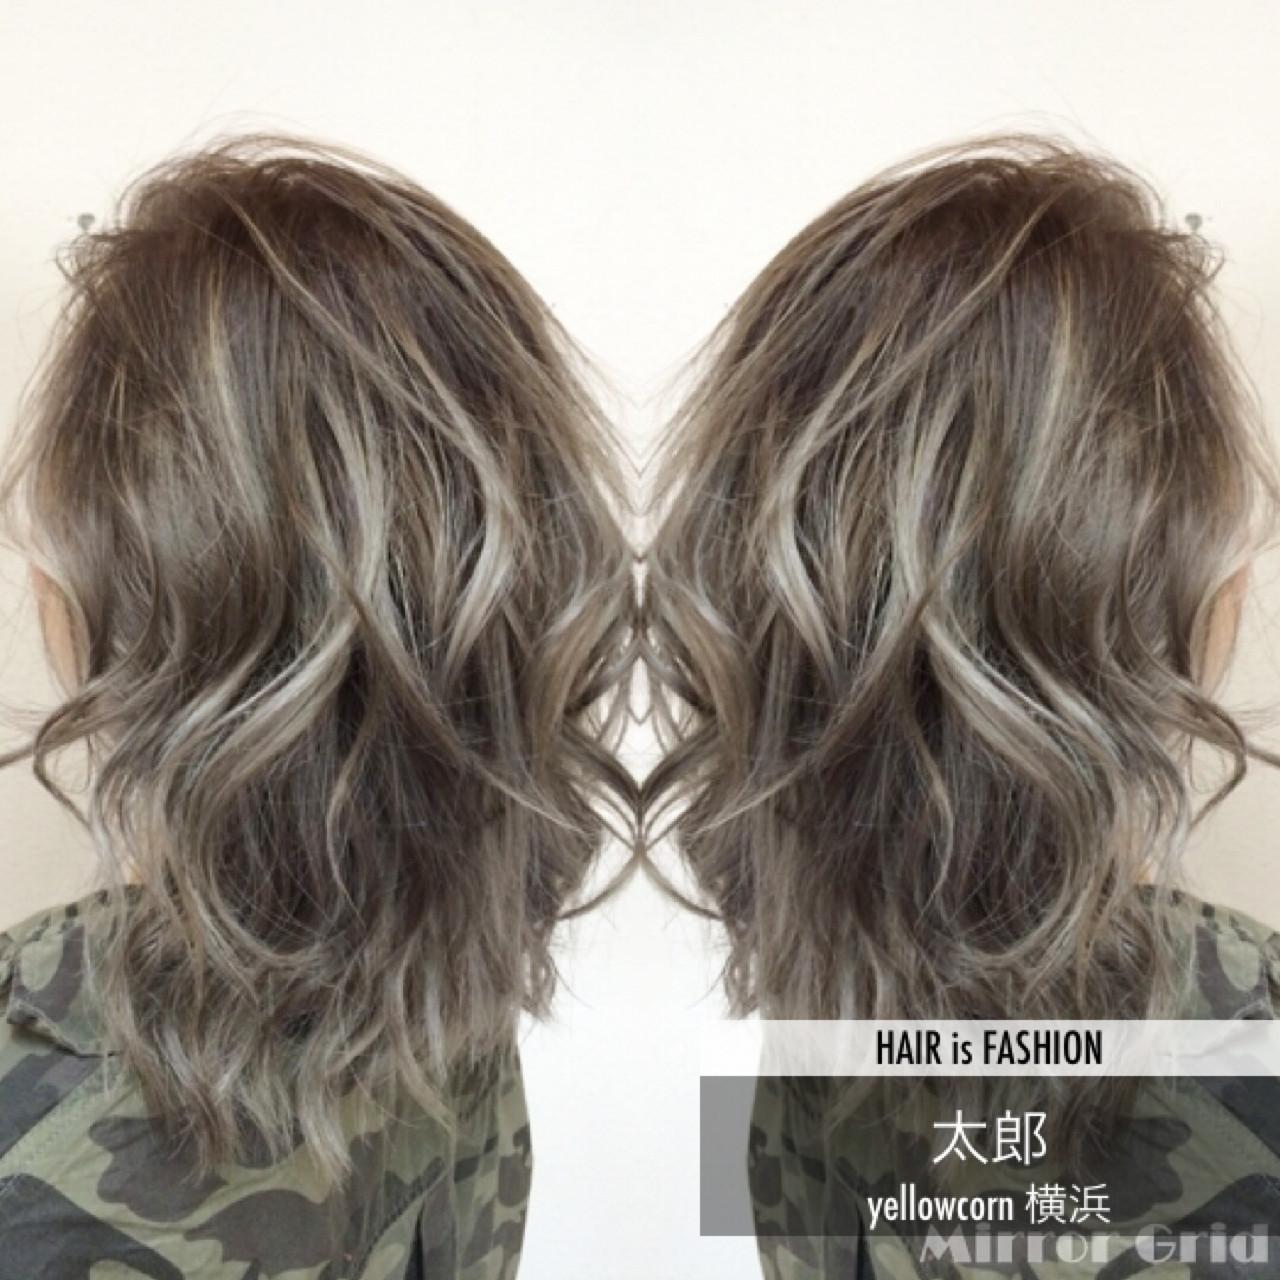 グラデーションカラー バレイヤージュ ストリート 外国人風 ヘアスタイルや髪型の写真・画像